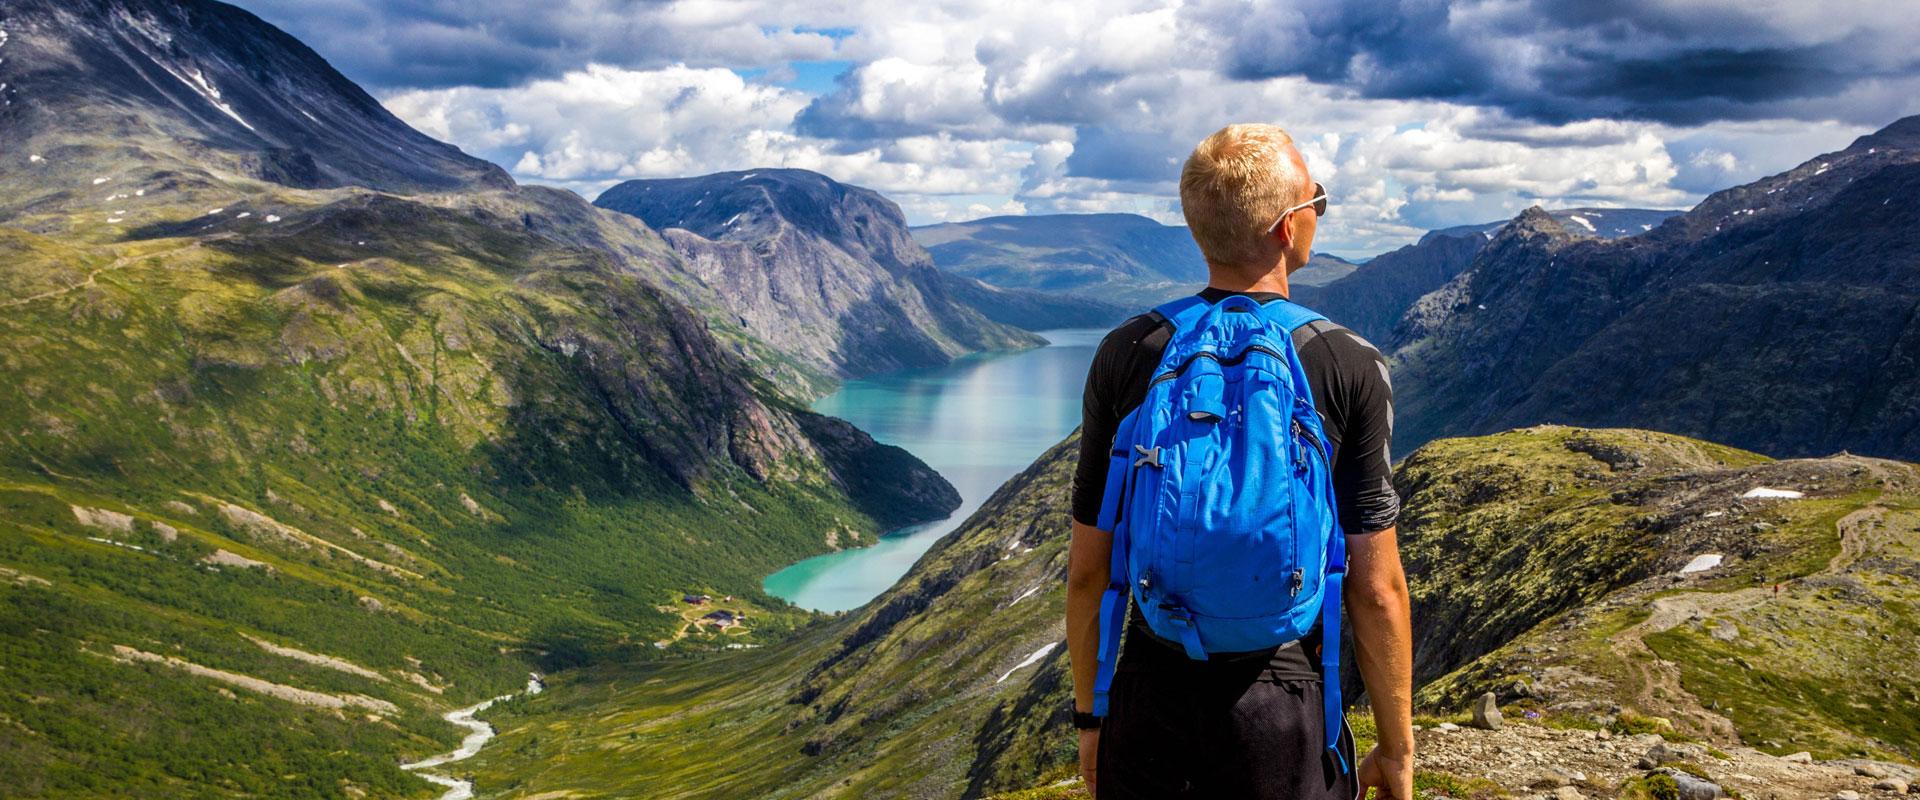 hvordan du kan markedsføre reiselivsbedriften din